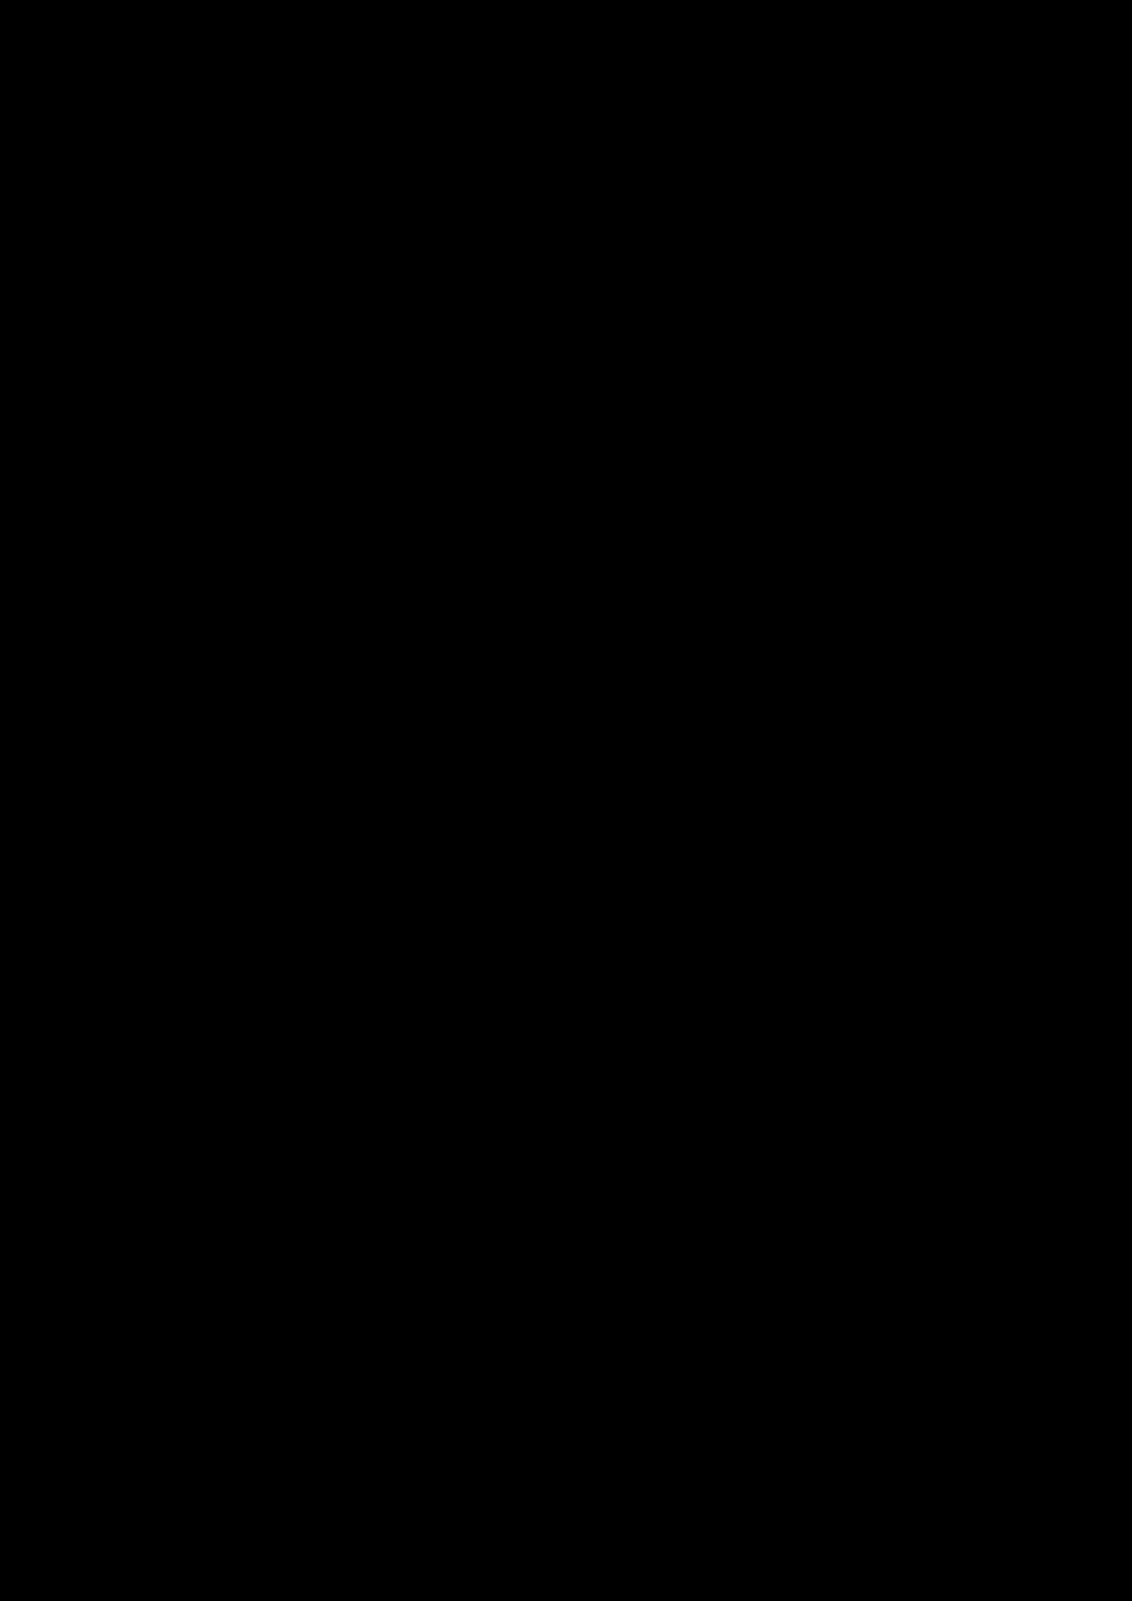 Serdtse slide, Image 46